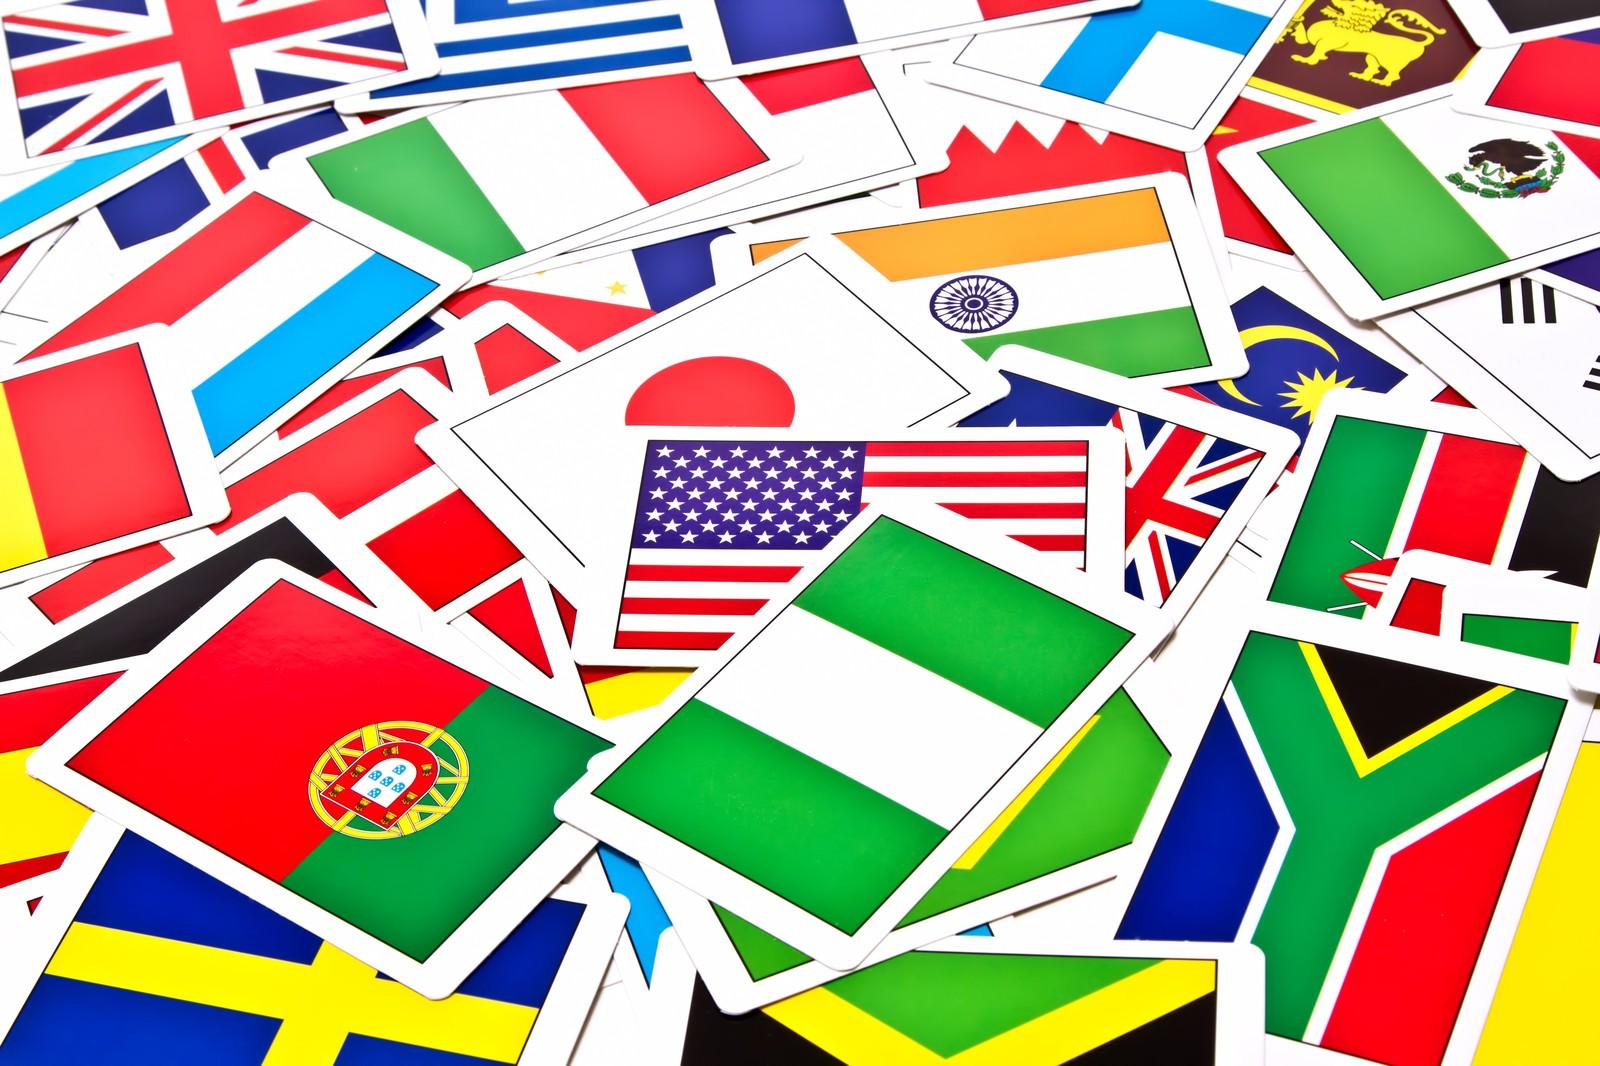 デンマークの国旗の意味や歴史を知ろう!特徴や由来似ている国もご紹介!